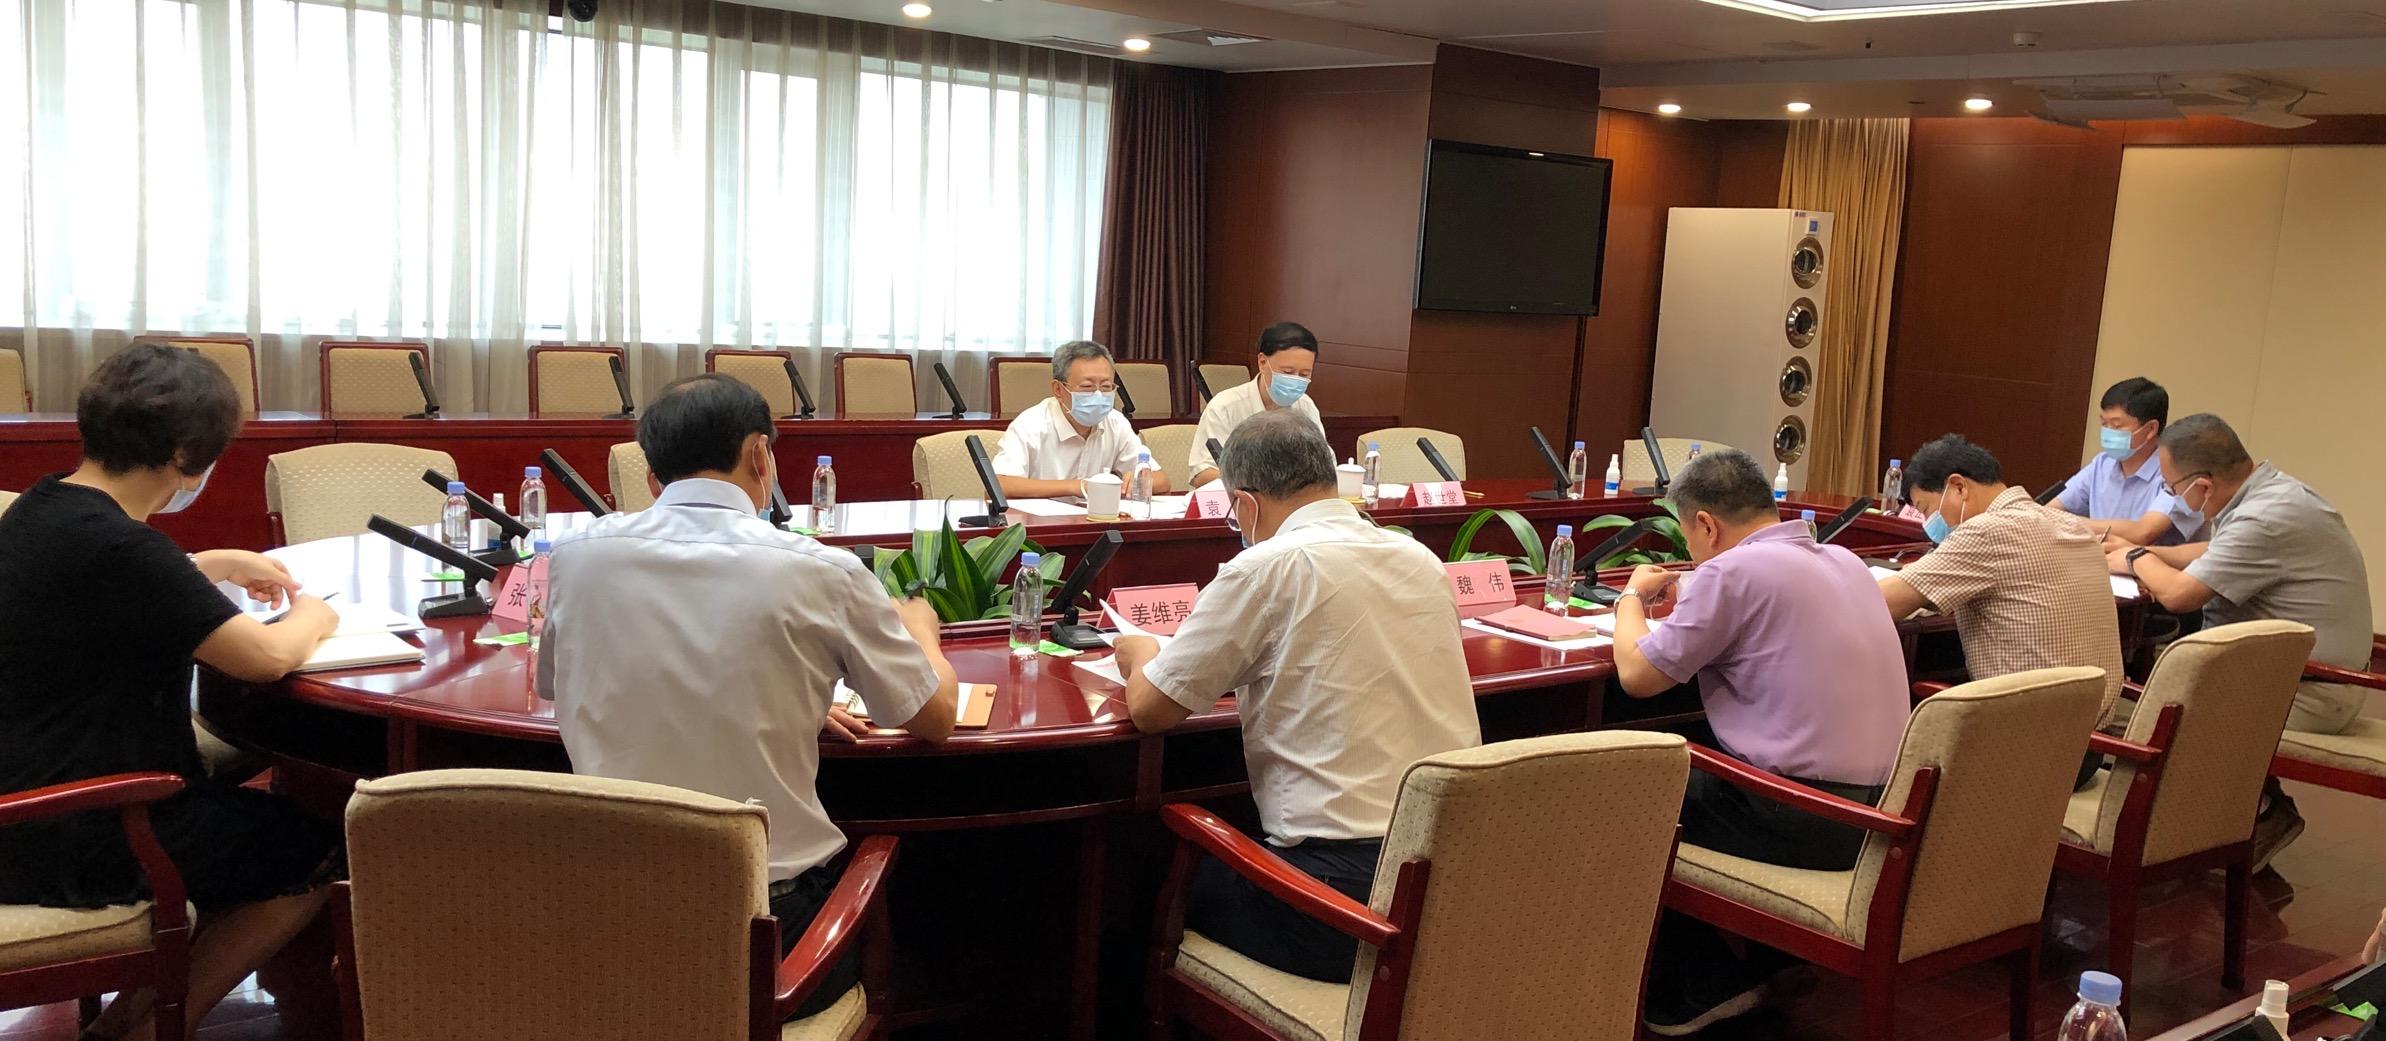 国资委成立审计工作领导小组并召开...